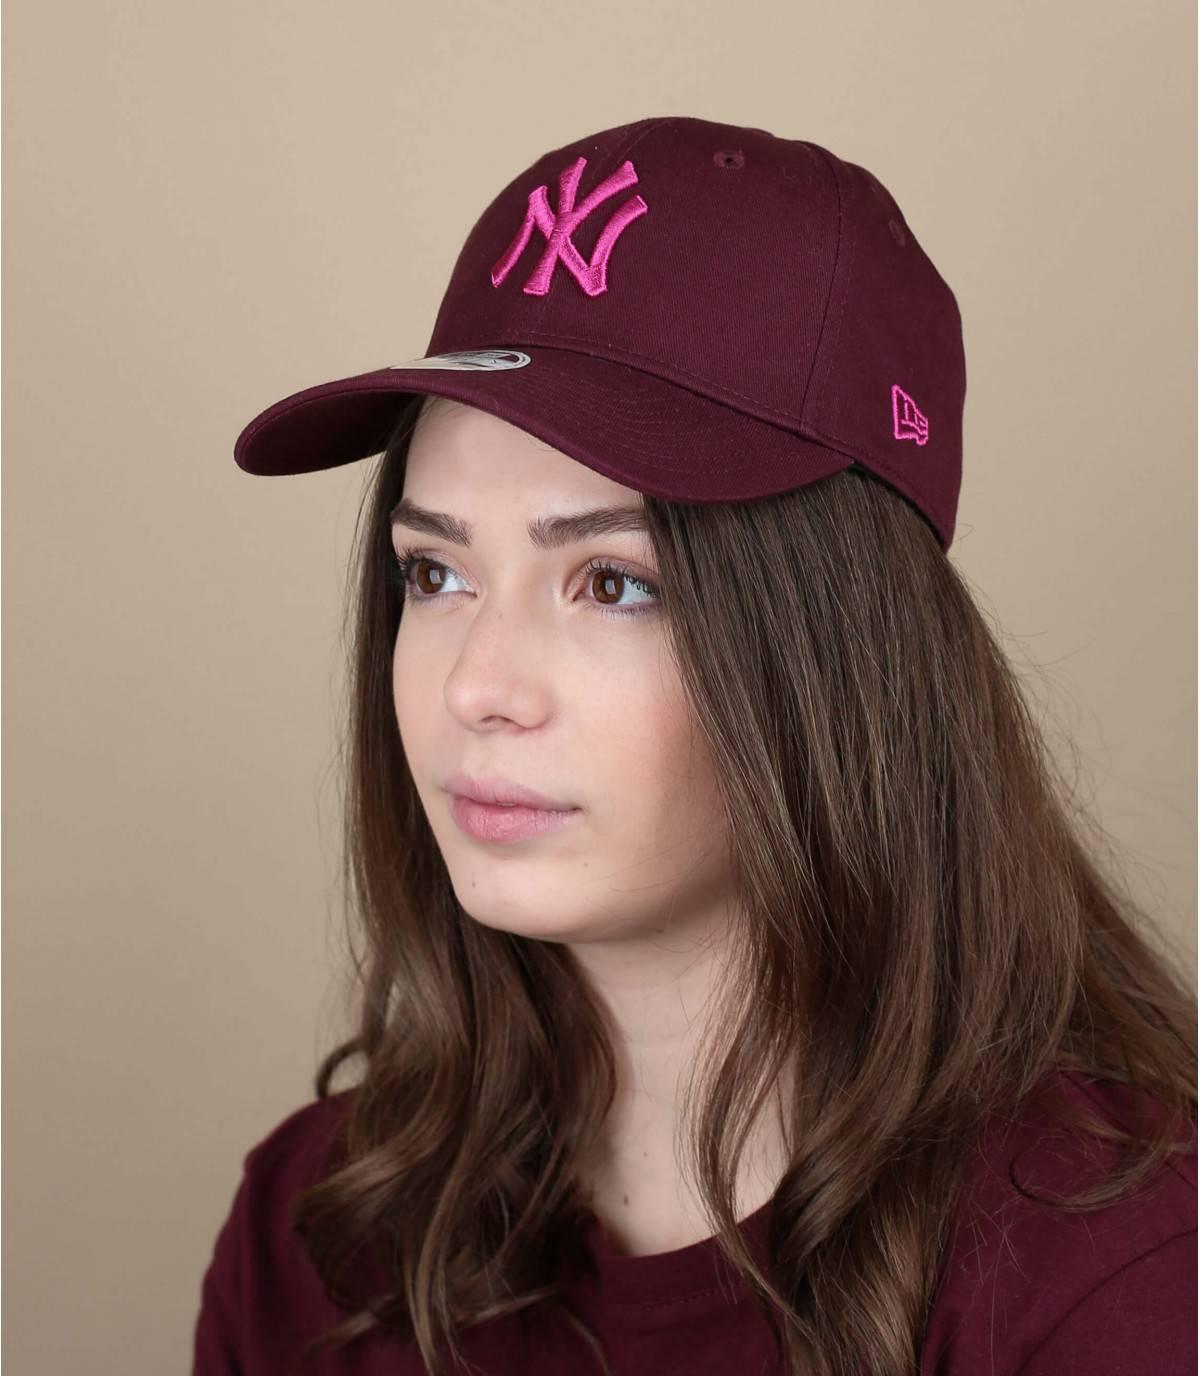 cappellino femme bordeaux